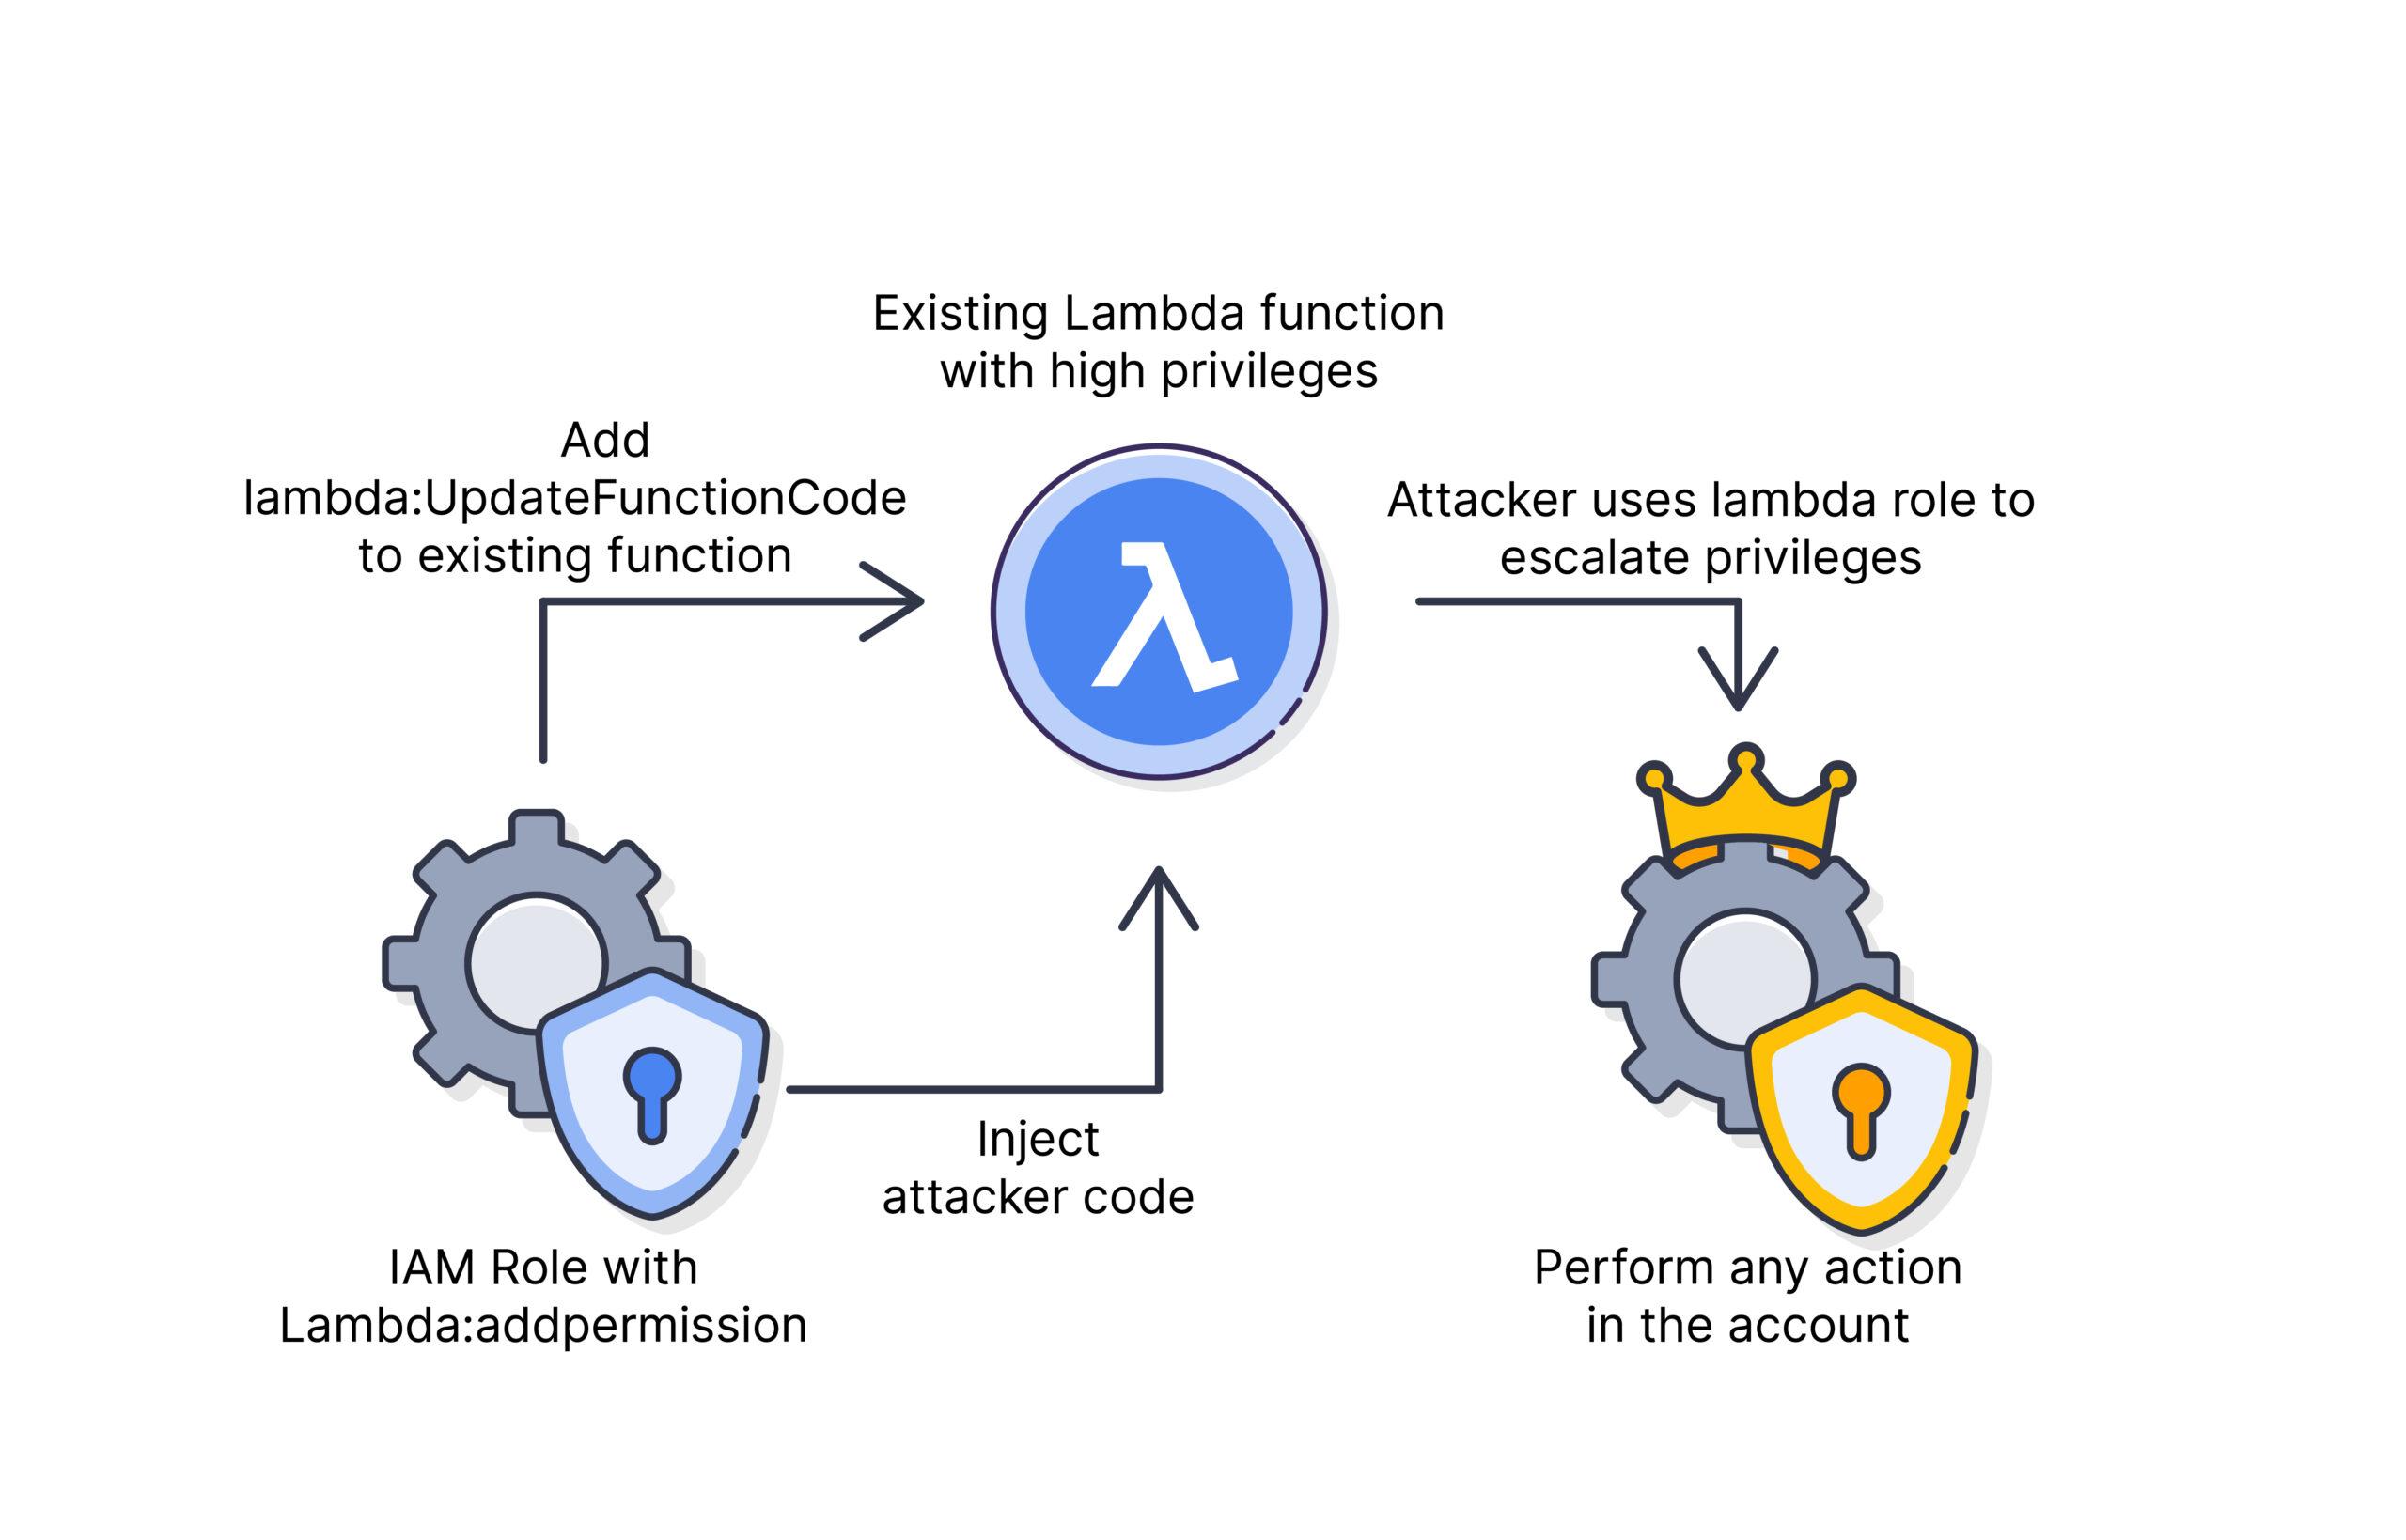 Privilege escalation path via lambda:AddPermission